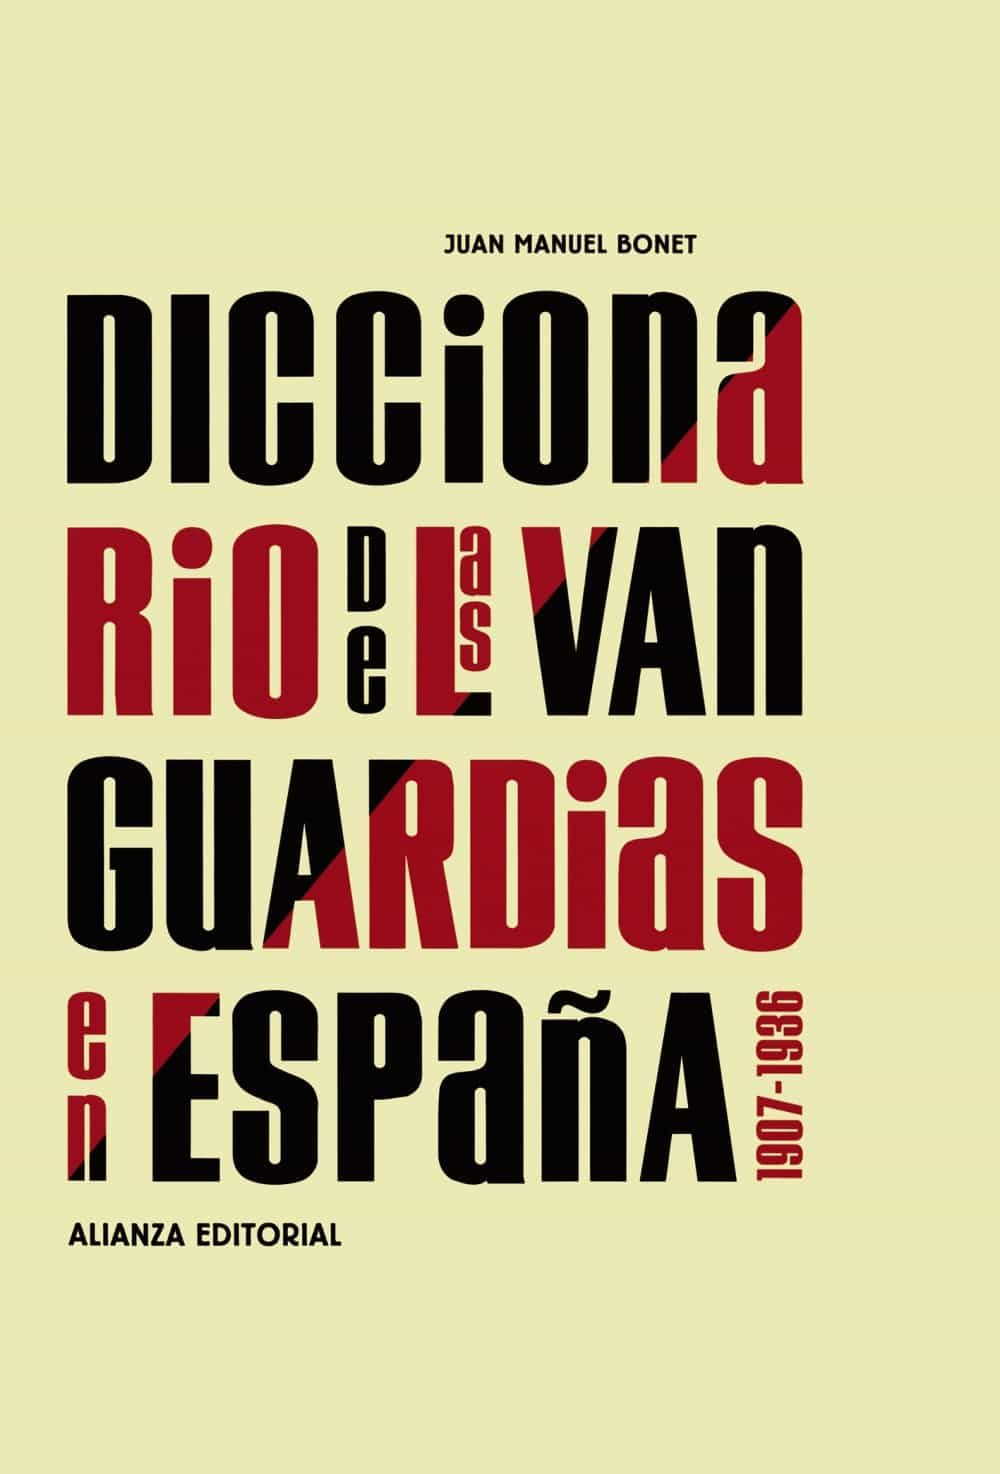 Resultado de imagen de portada del libro diccionario de las vanguardias españolas